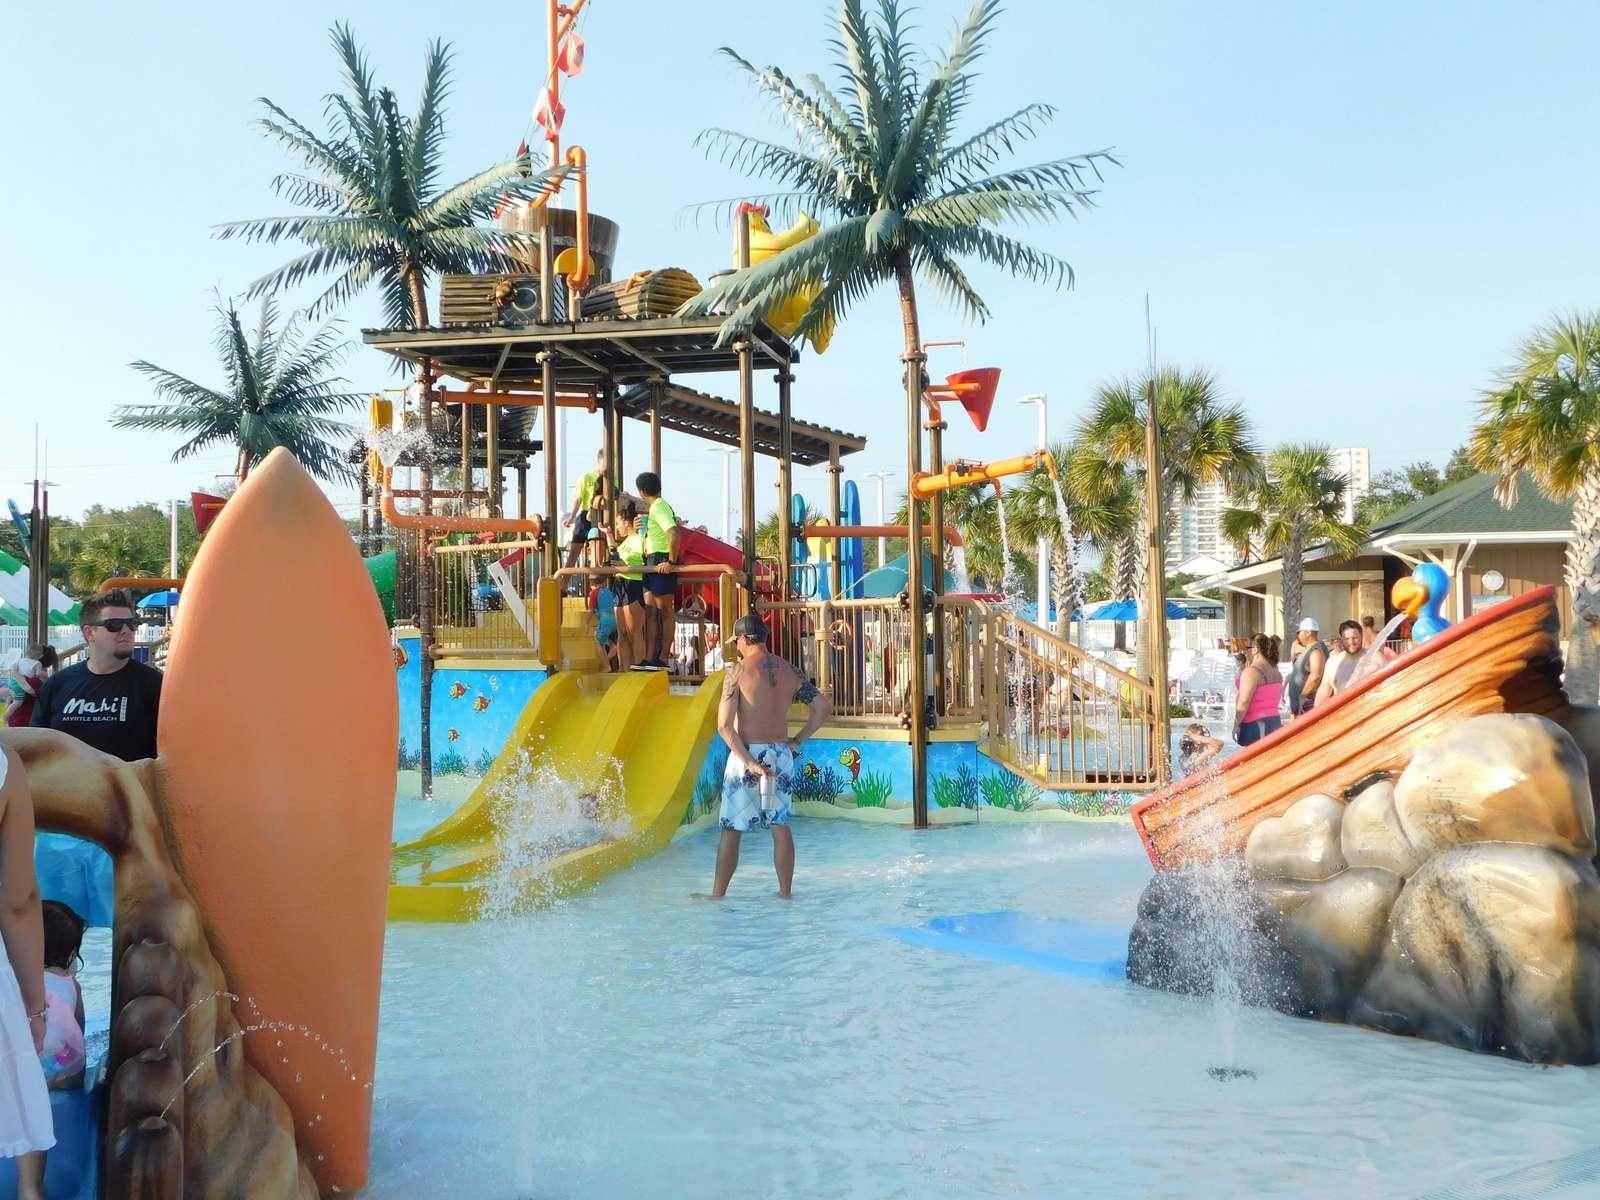 Splash zone slides